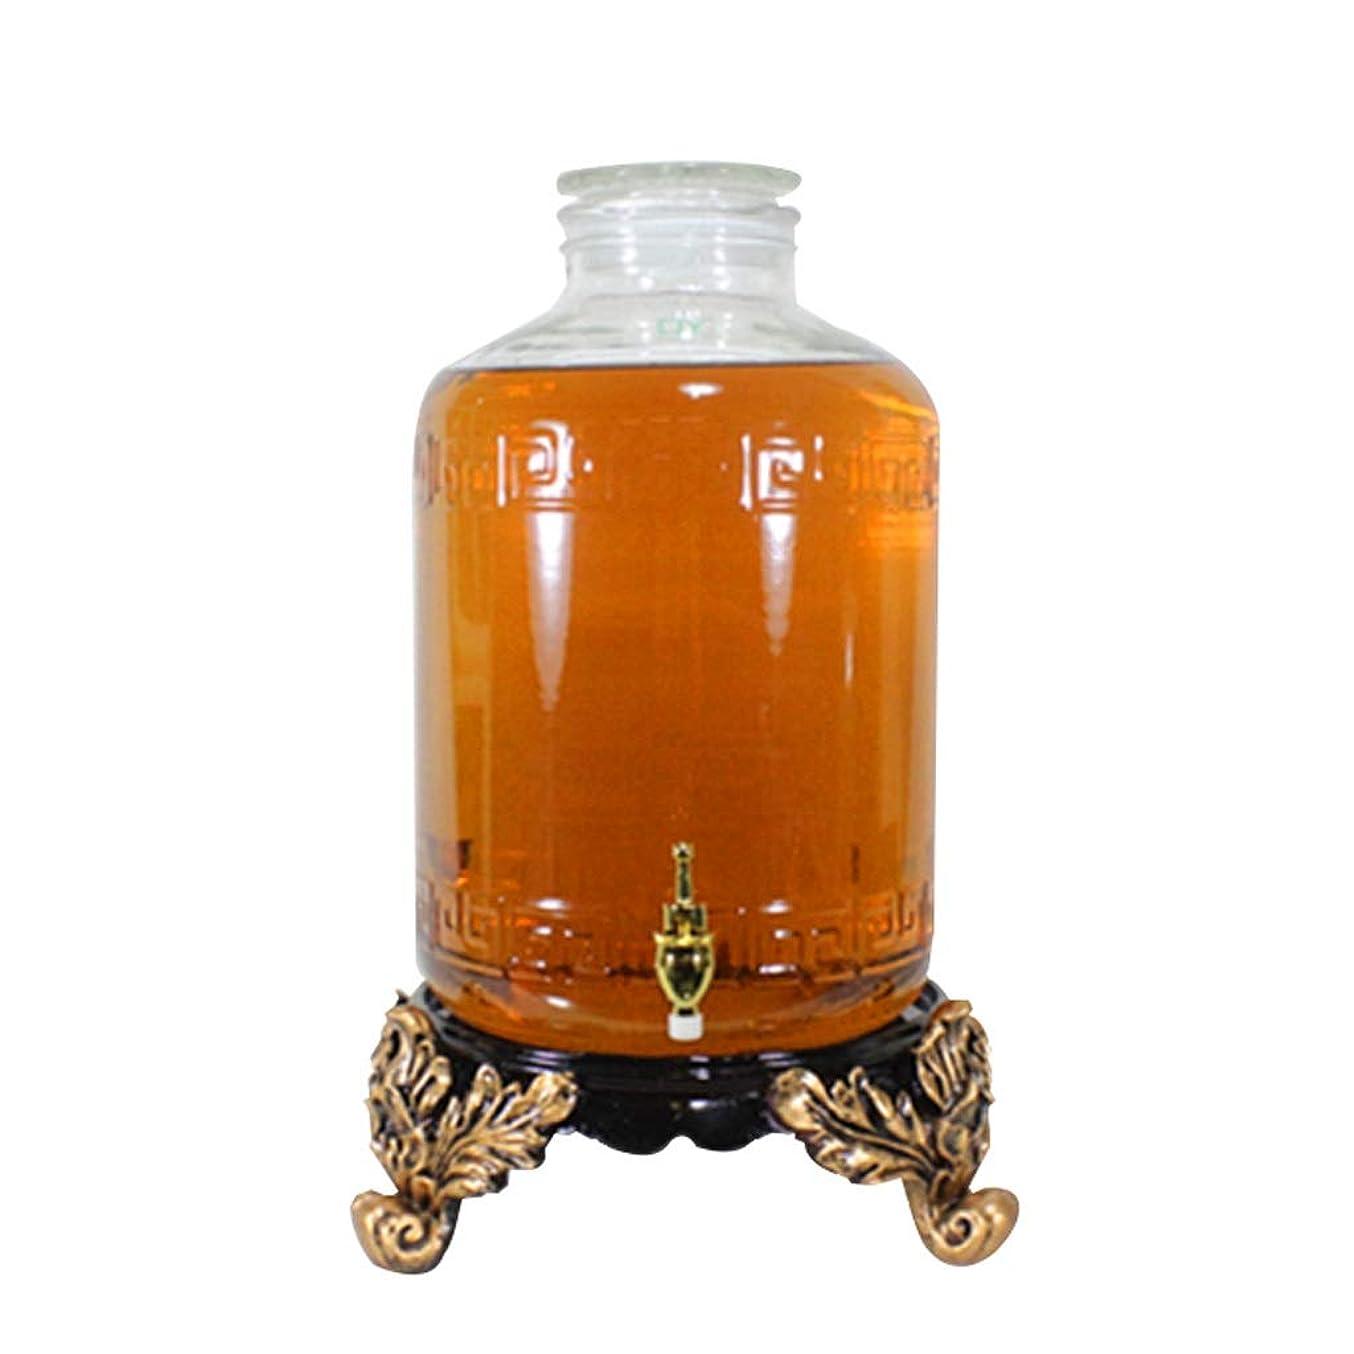 素朴なストレス眠っているつや消しボトル口ガラスボトルワインボトル薬瓶ステンレス鋼金メッキ蛇口 Xuan - worth having